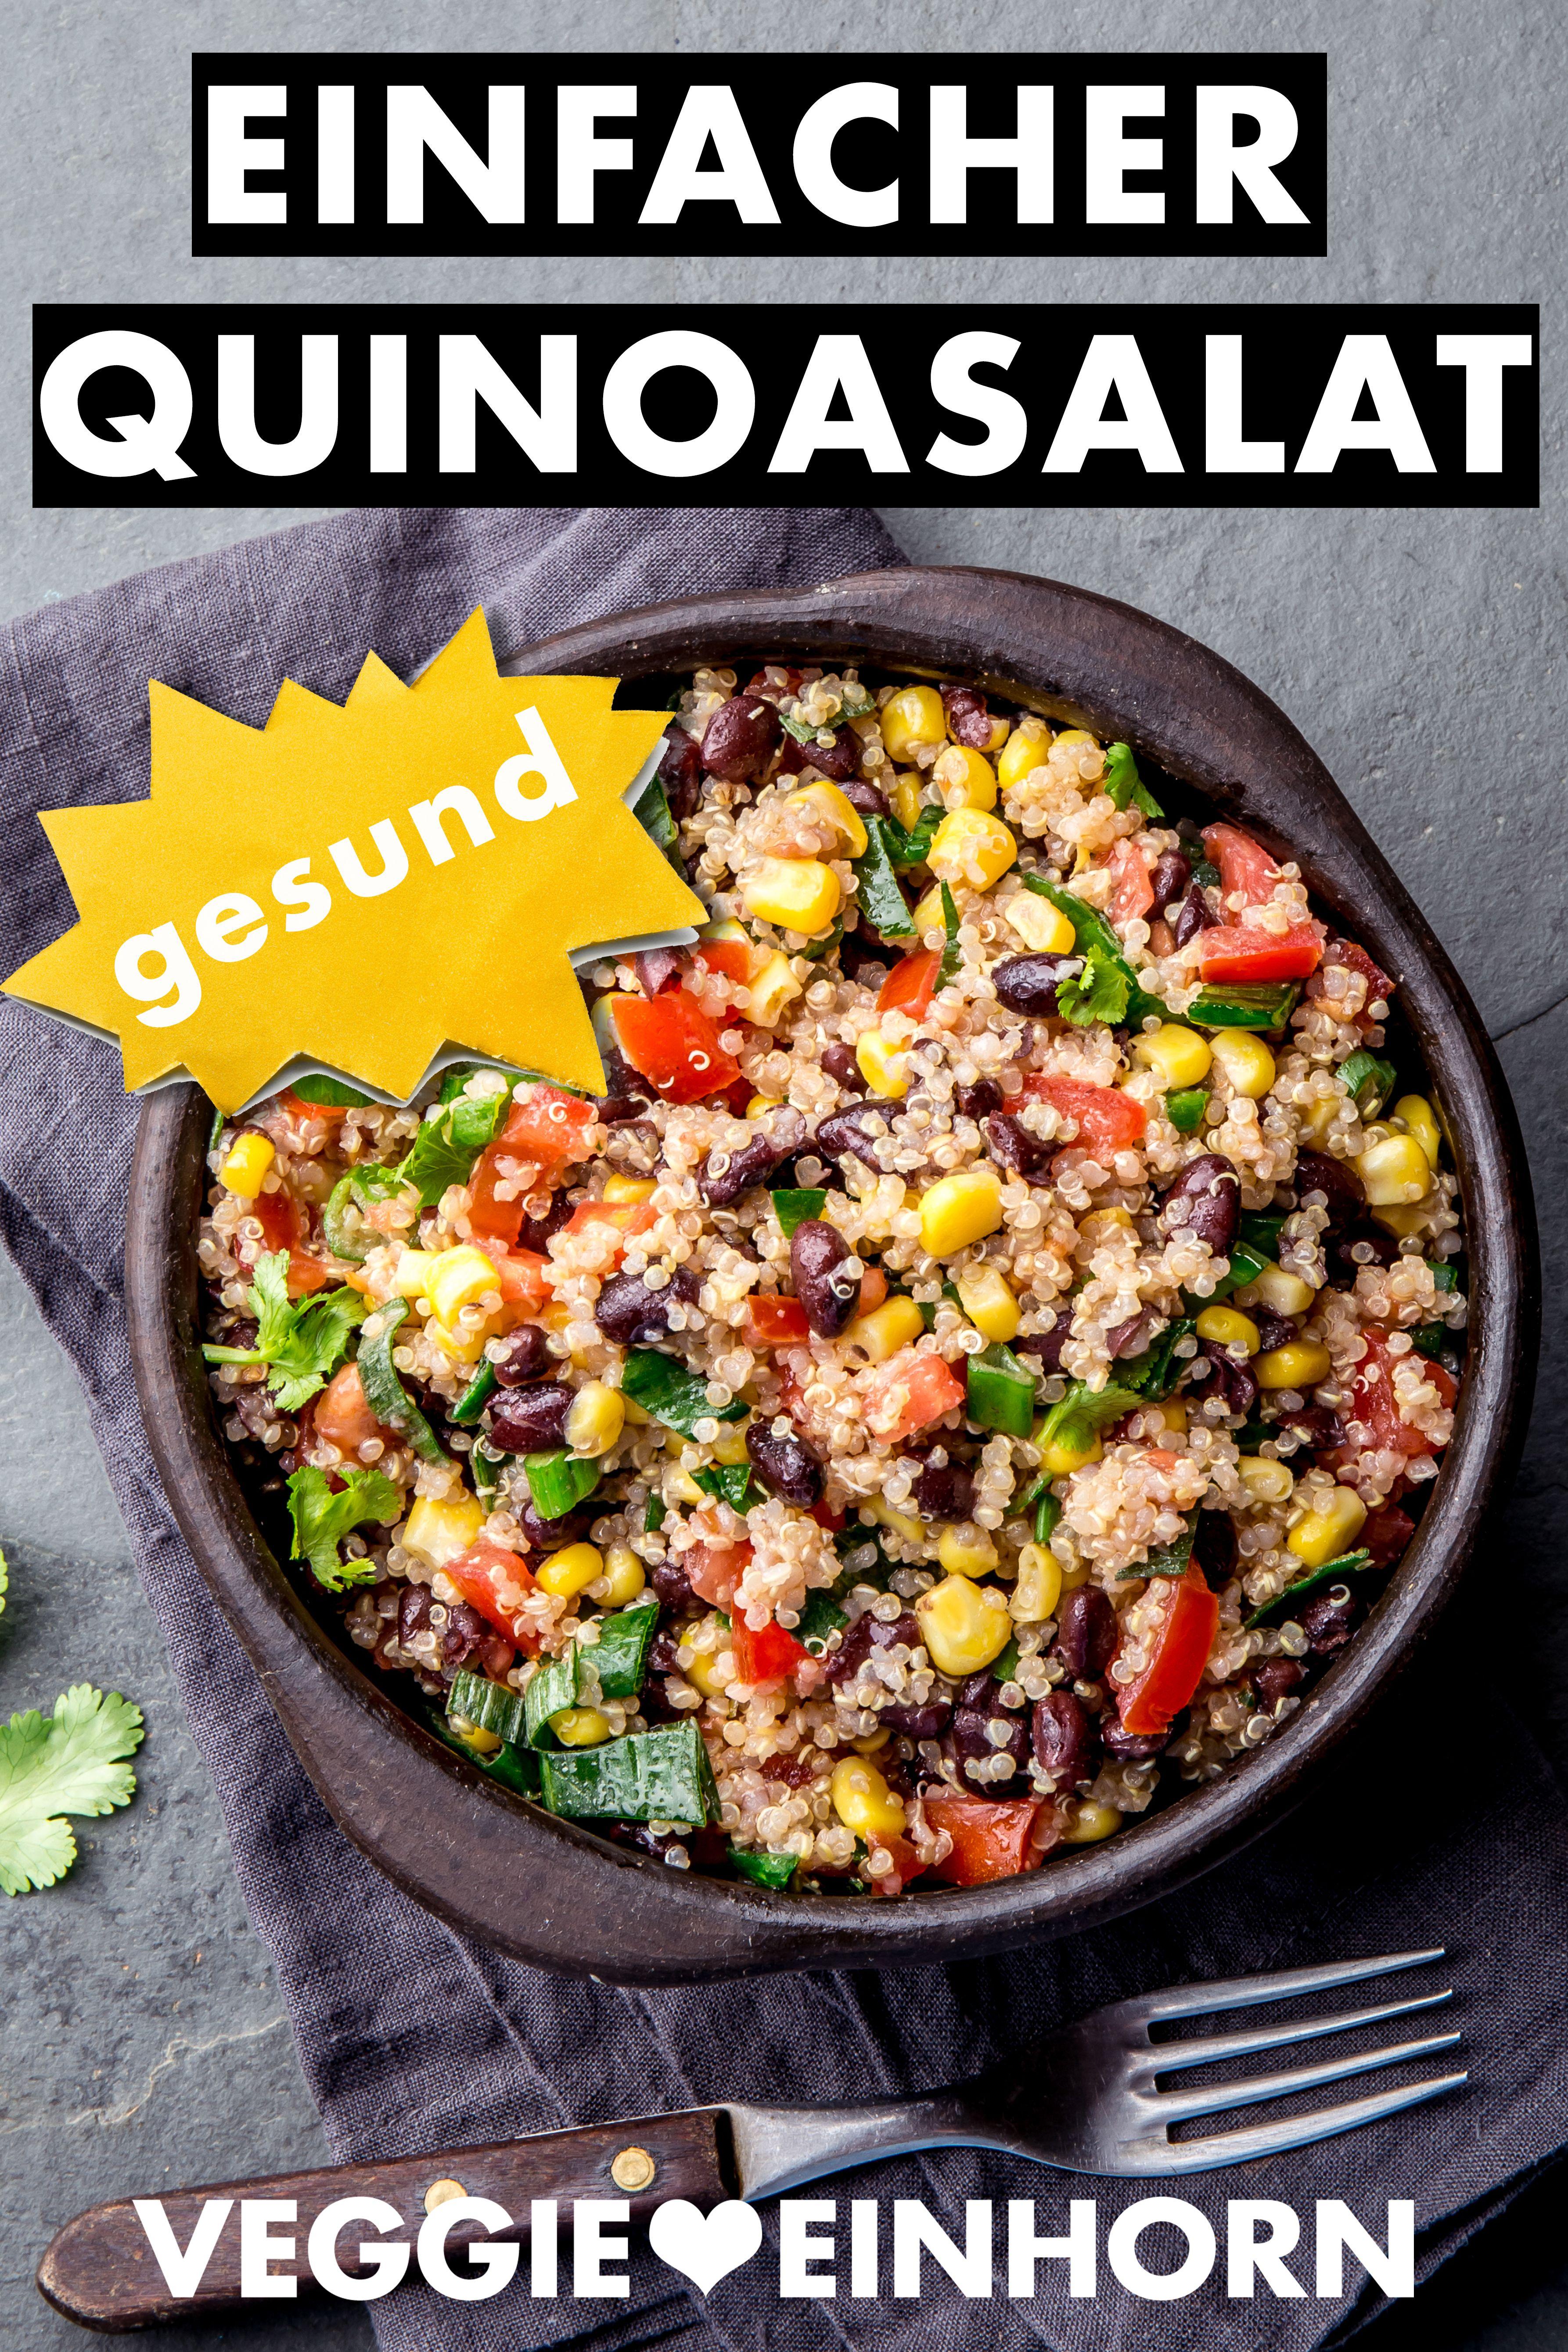 Einfacher mexikanischer Quinoa Salat | Bunter vegetarischer Quinoasalat | Gesund und lecker